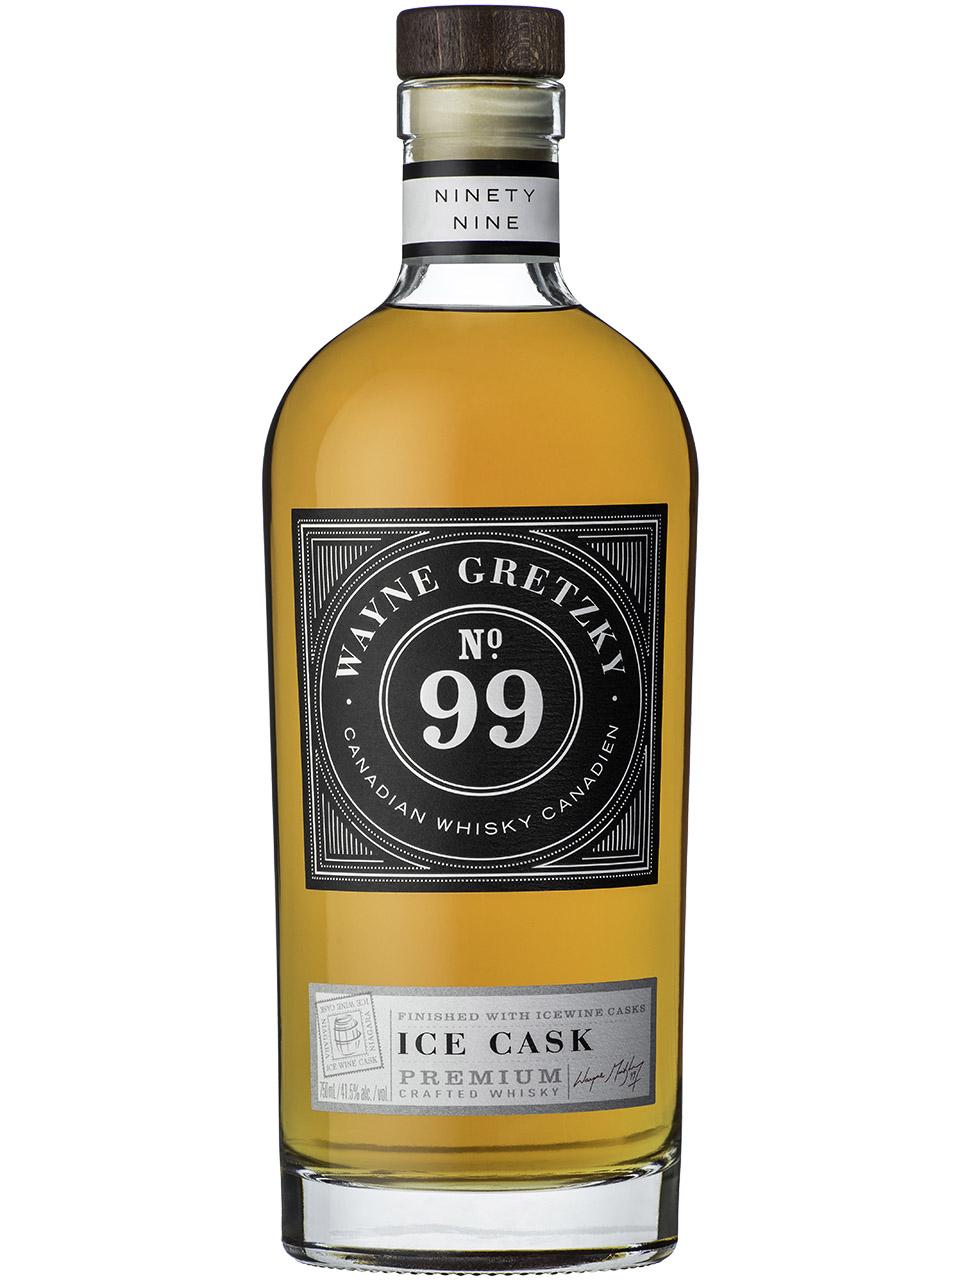 Wayne Gretzky Ice Cask Whisky